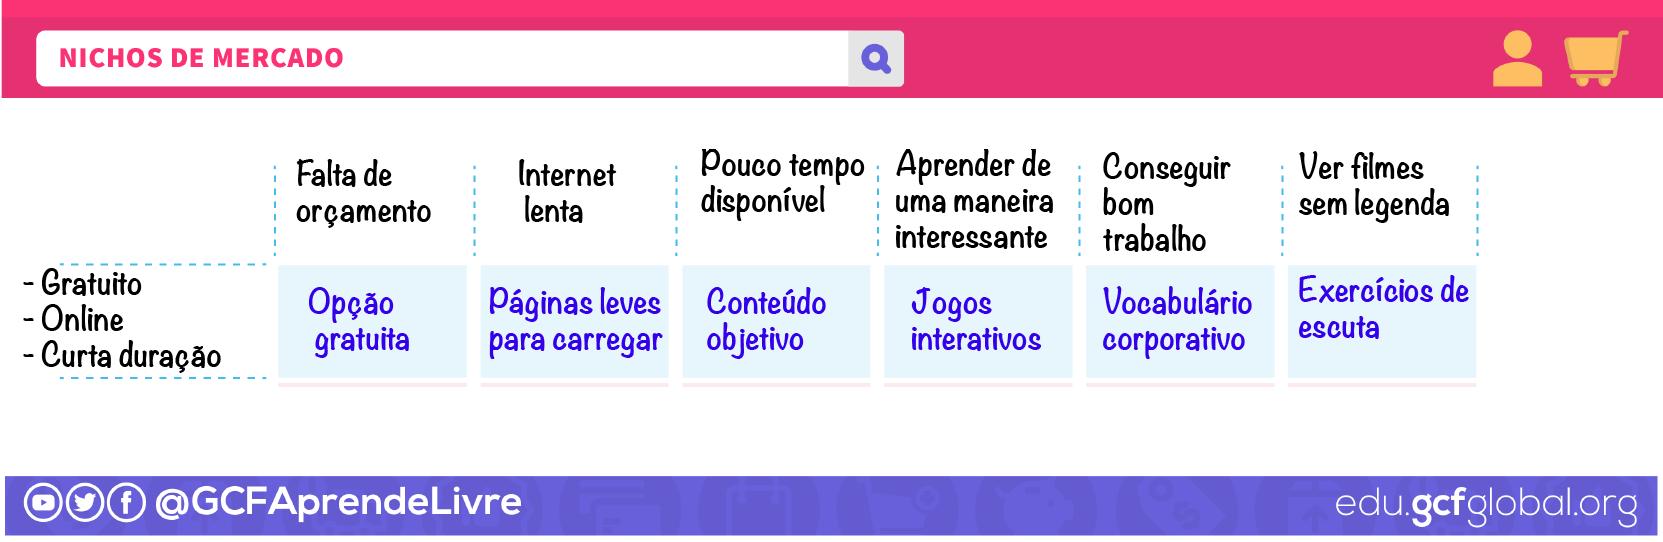 Imagem esquema nichos de mercado - exemplo